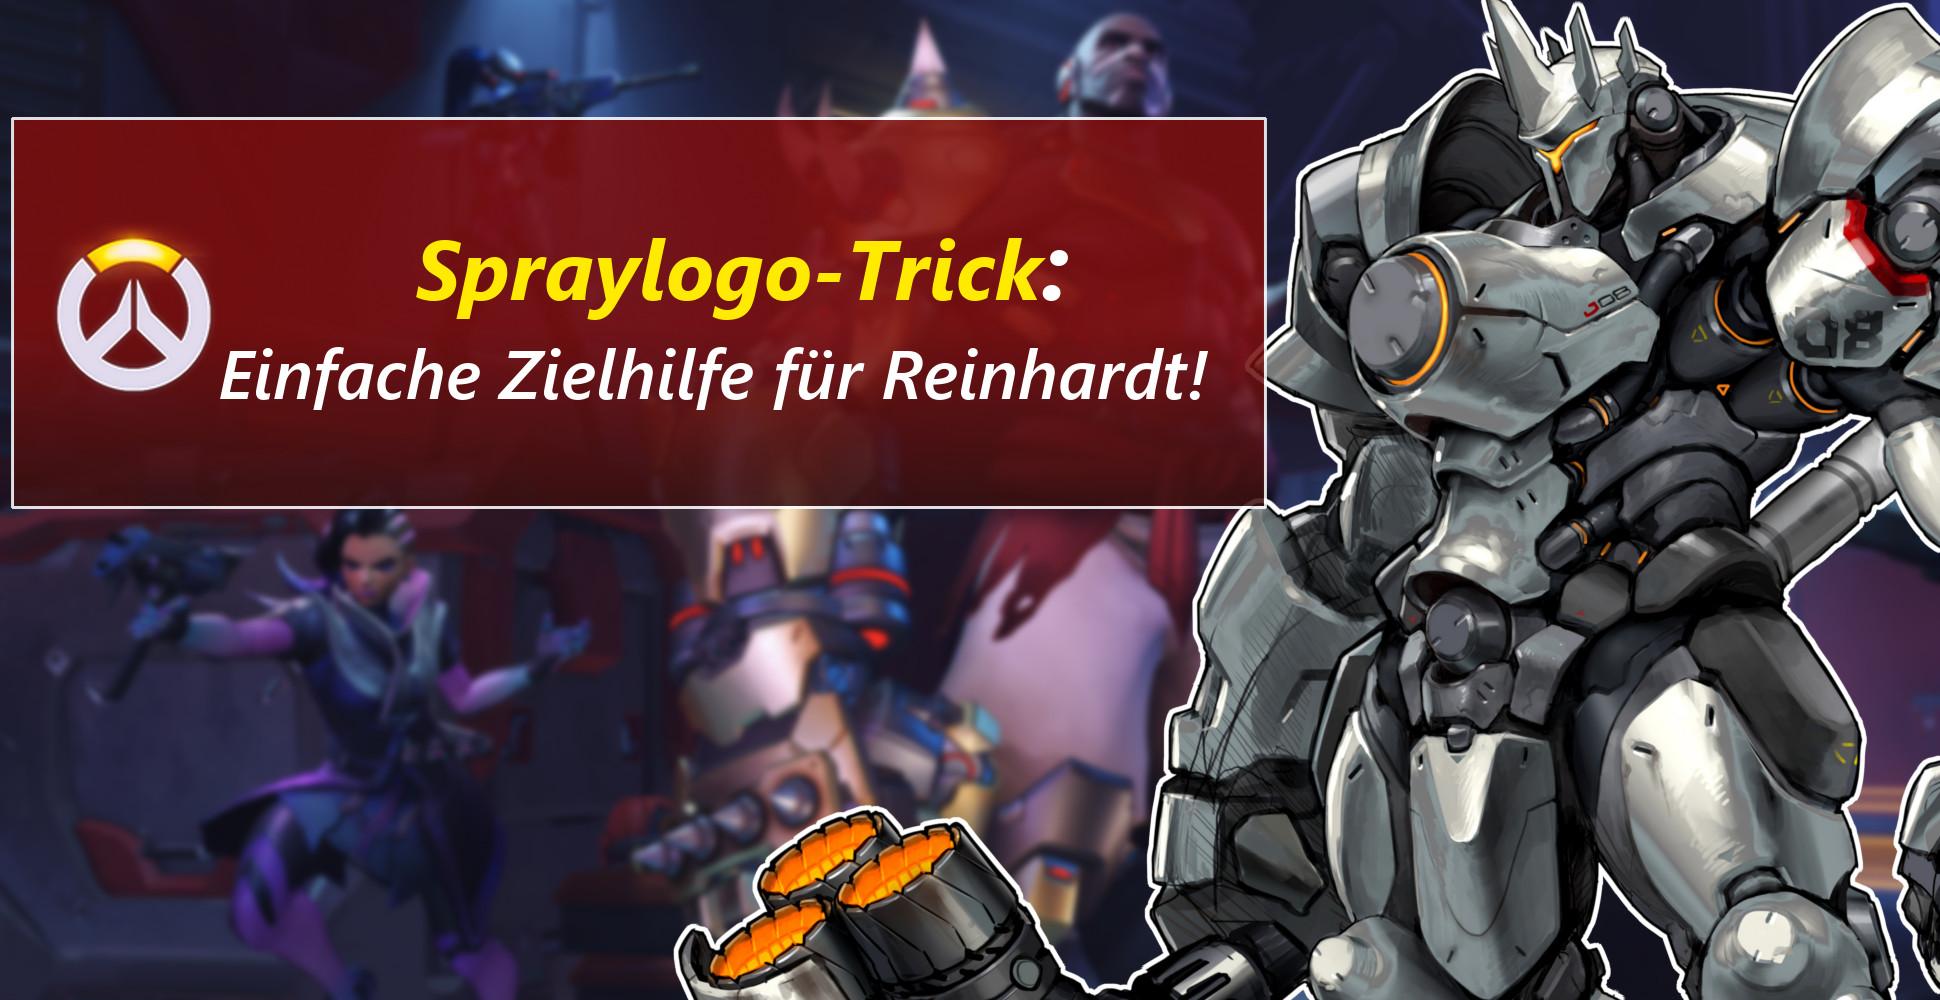 Overwatch: In den Abgrund – mit einfachem Trick zu sicheren Reinhardt-Kills